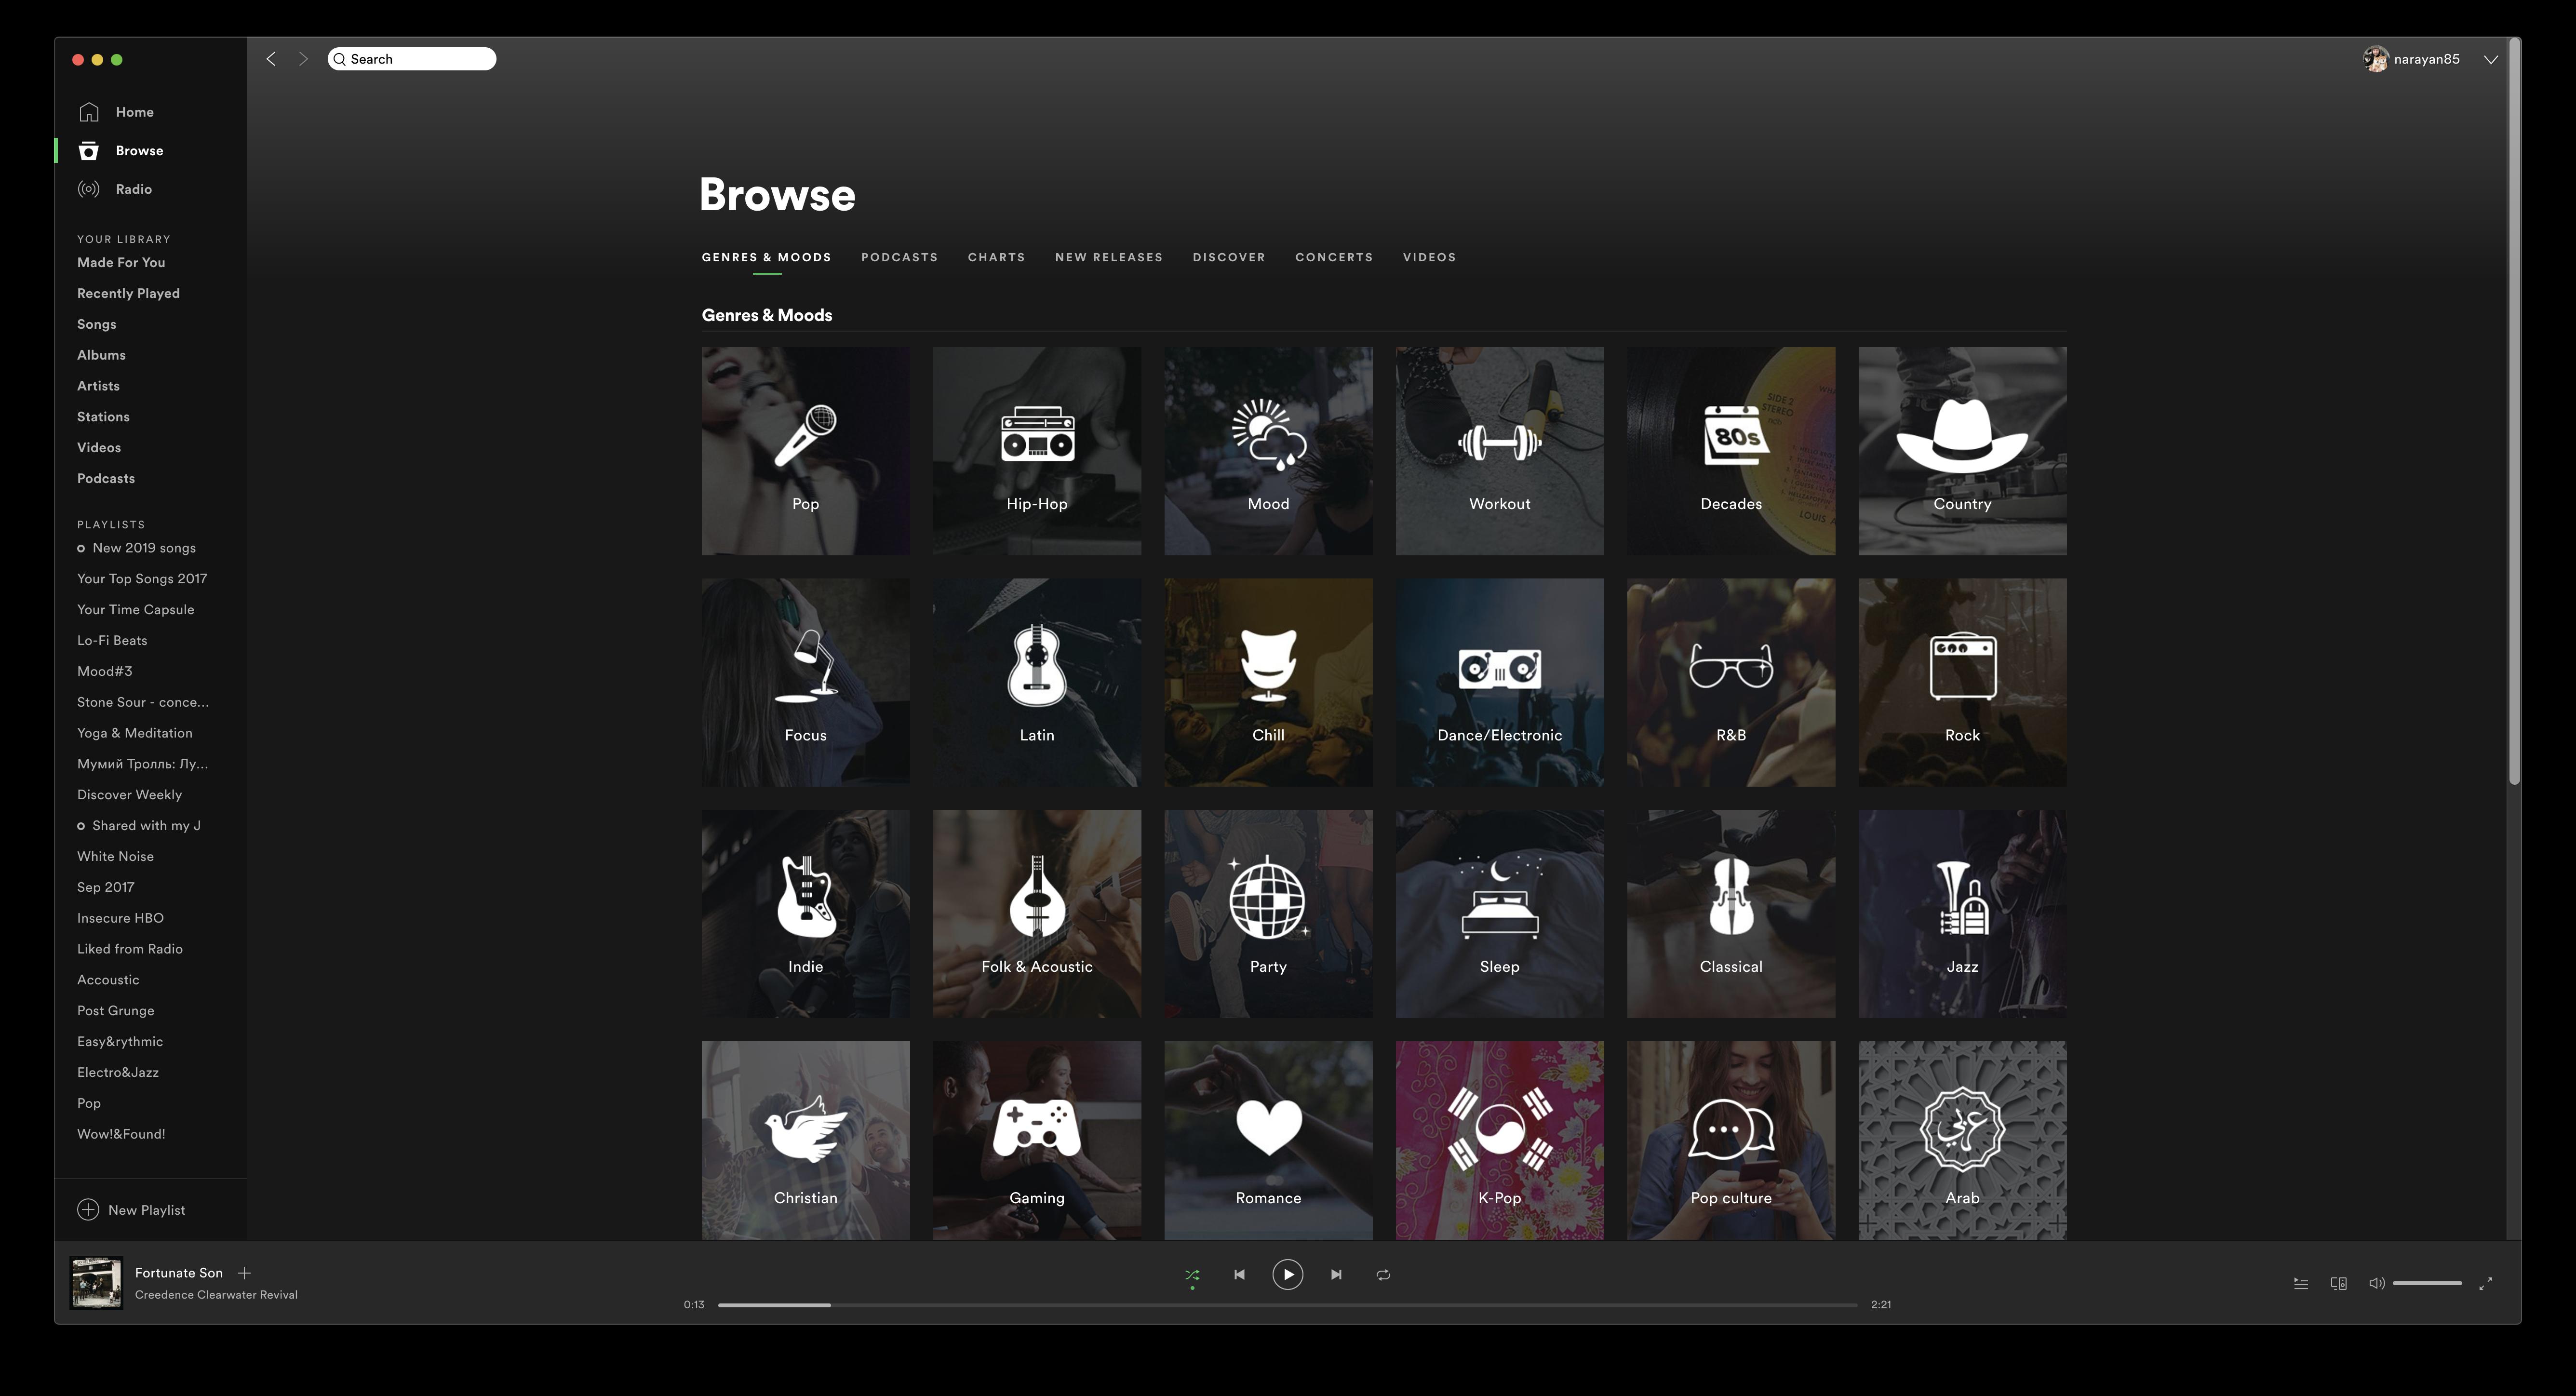 Десктоп версия приложения Spotify